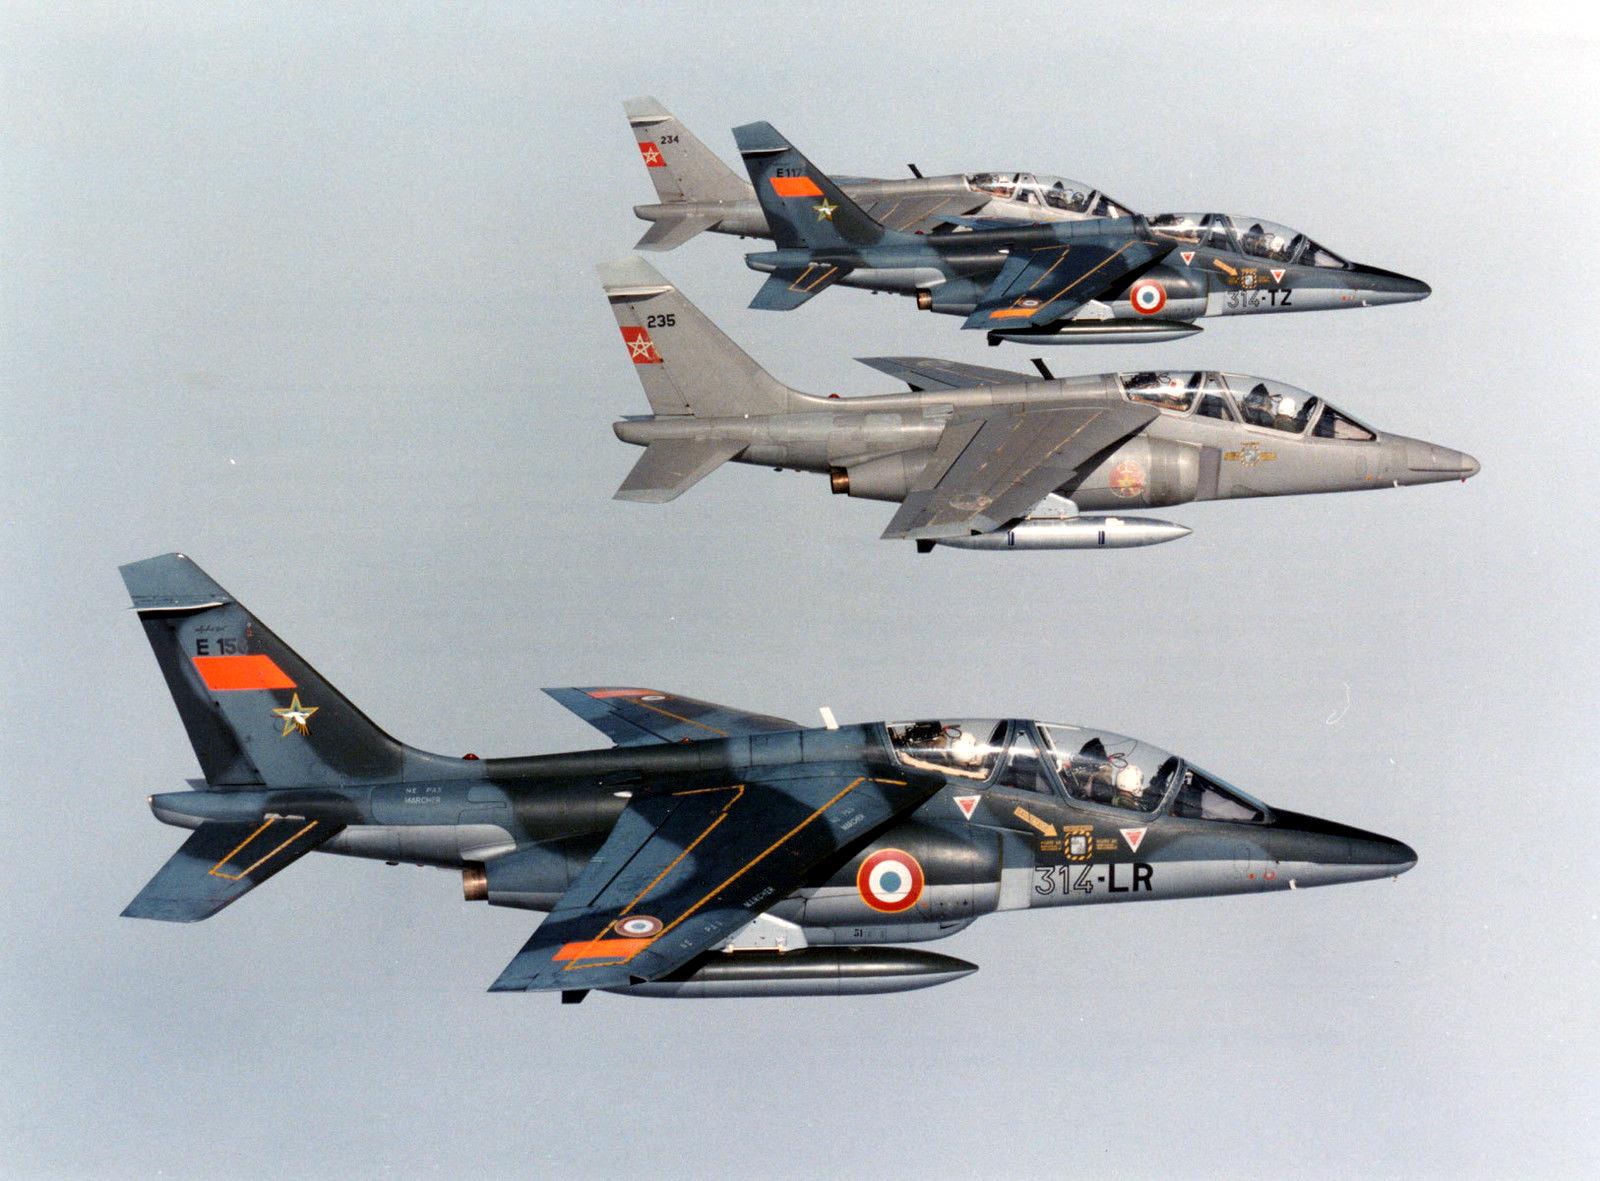 FRA: Photos avions d'entrainement et anti insurrection - Page 8 15081406183469472